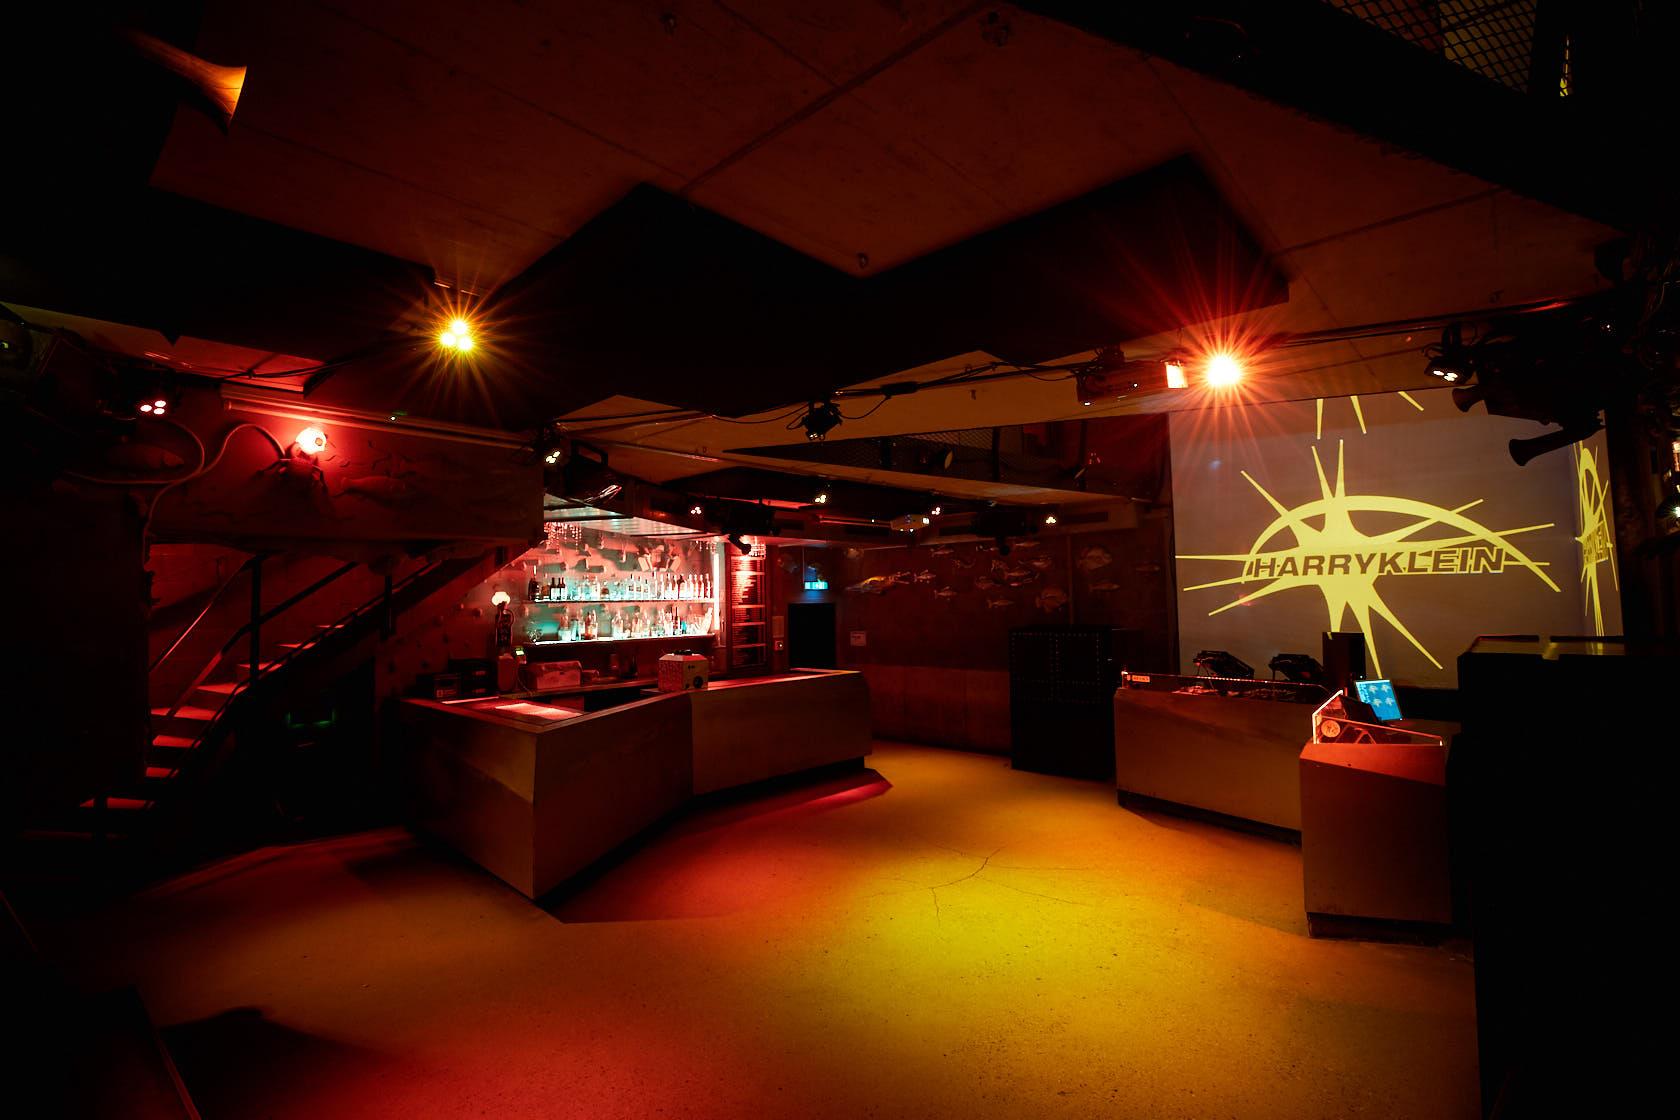 harry klein nightclub munich